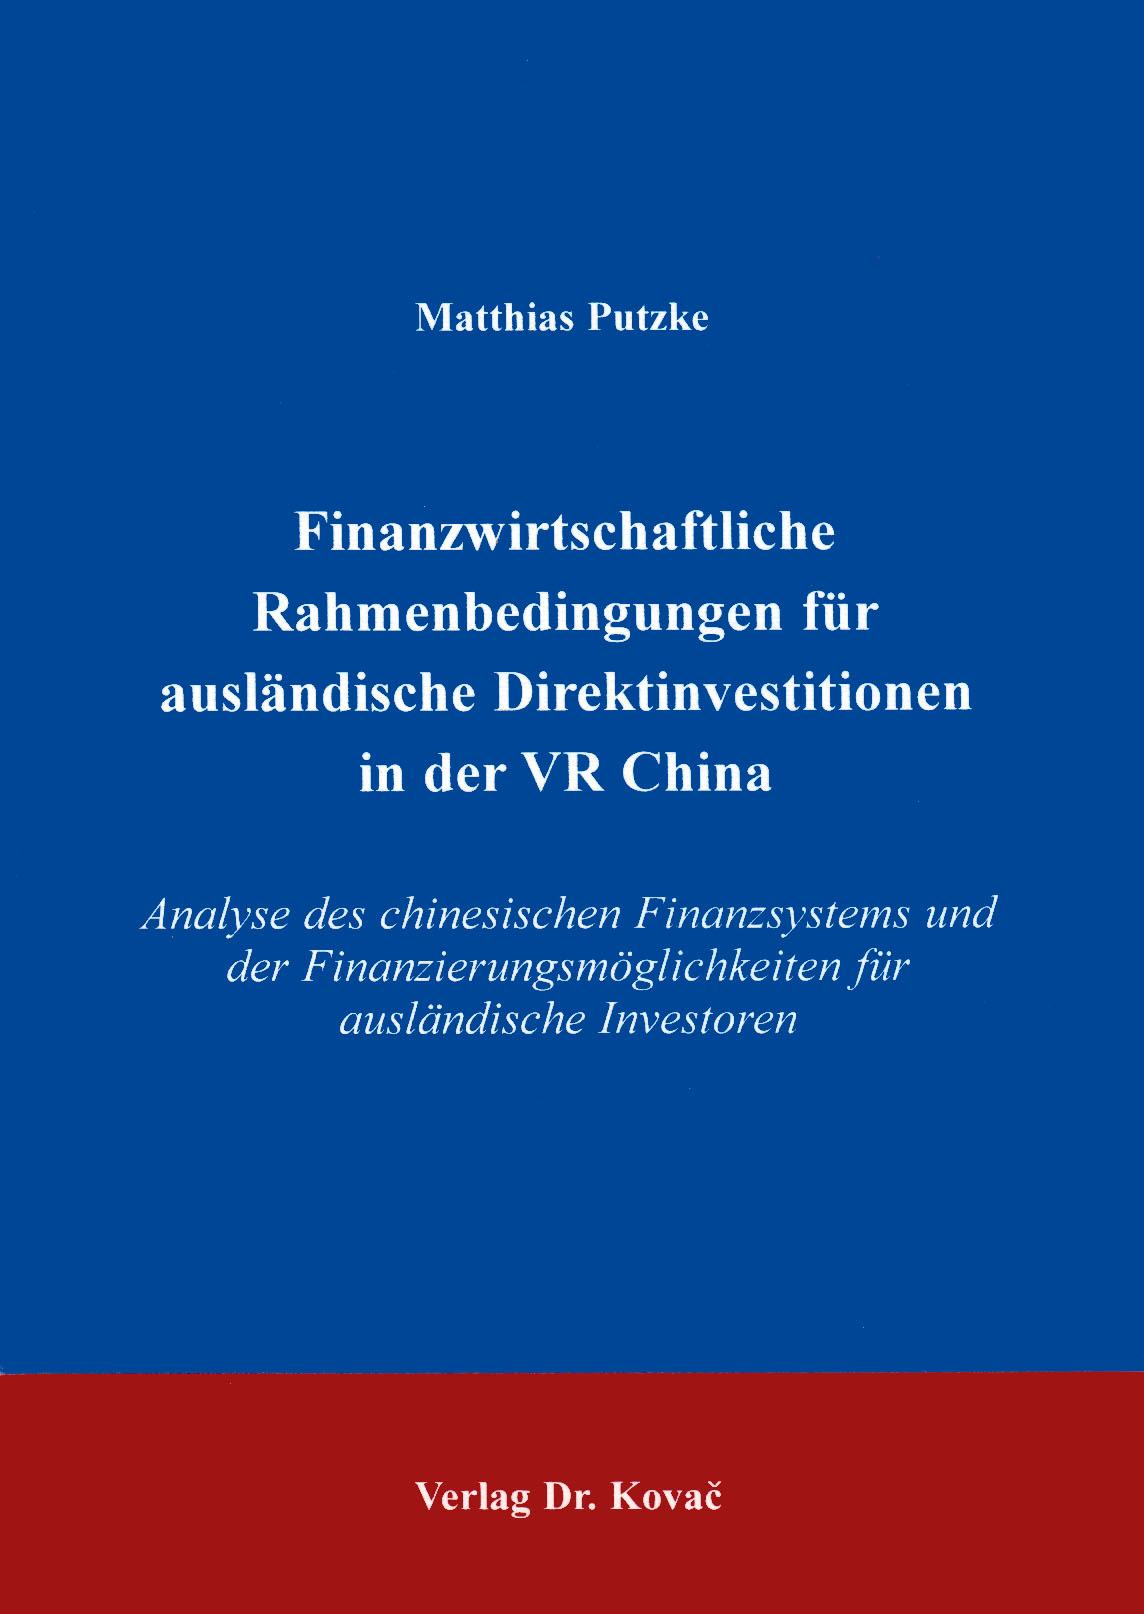 Cover: Finanzwirtschaftliche Rahmenbedingungen für ausländische Direktinvestitionen in der VR China